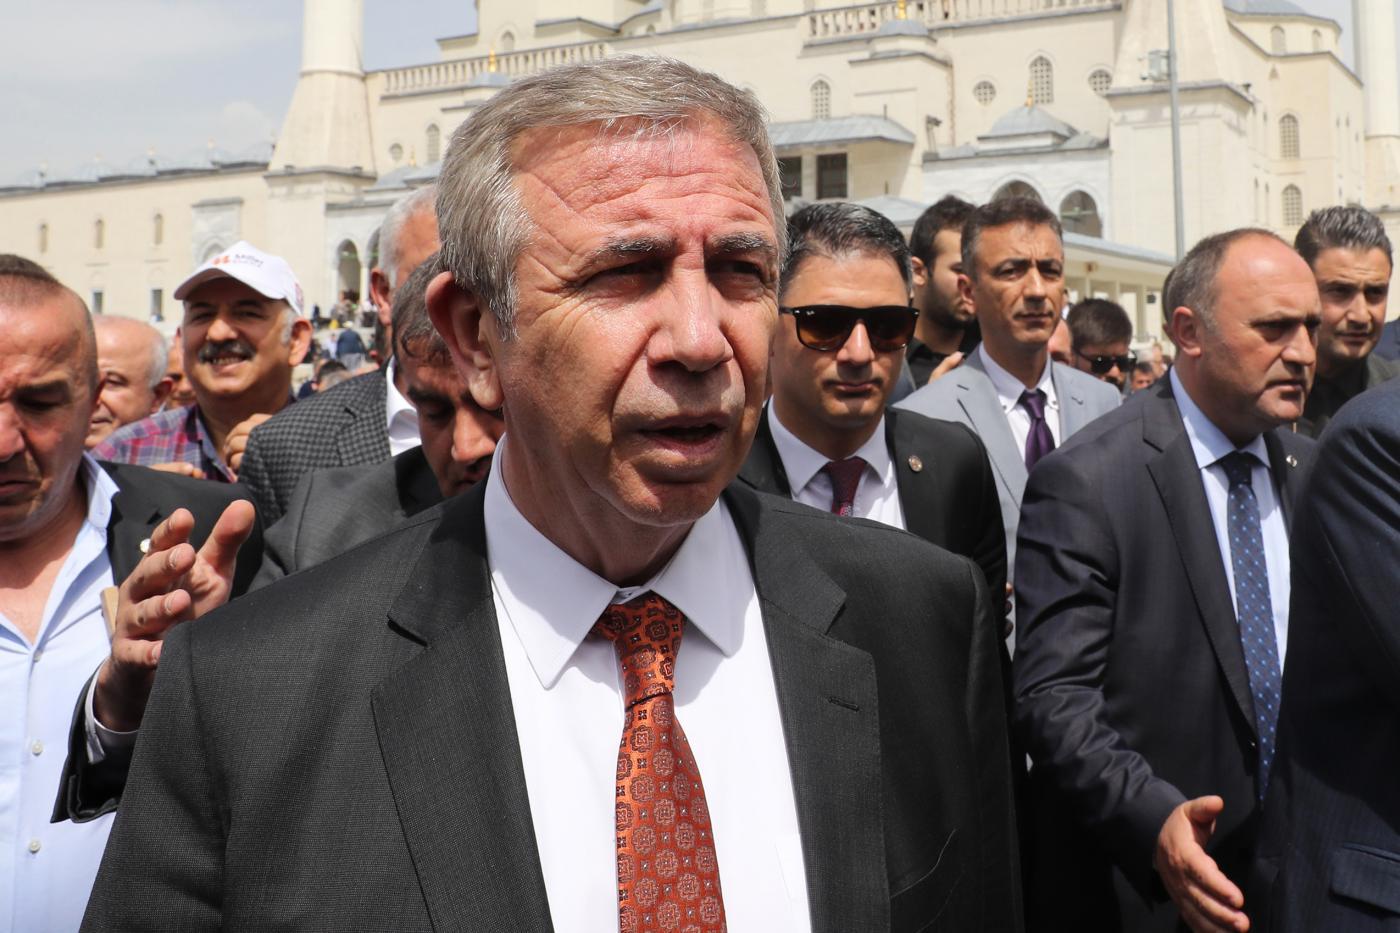 Le maire de l'opposition d'Ankara, Mansur Yavaş, reçoit le prix international de la transparence